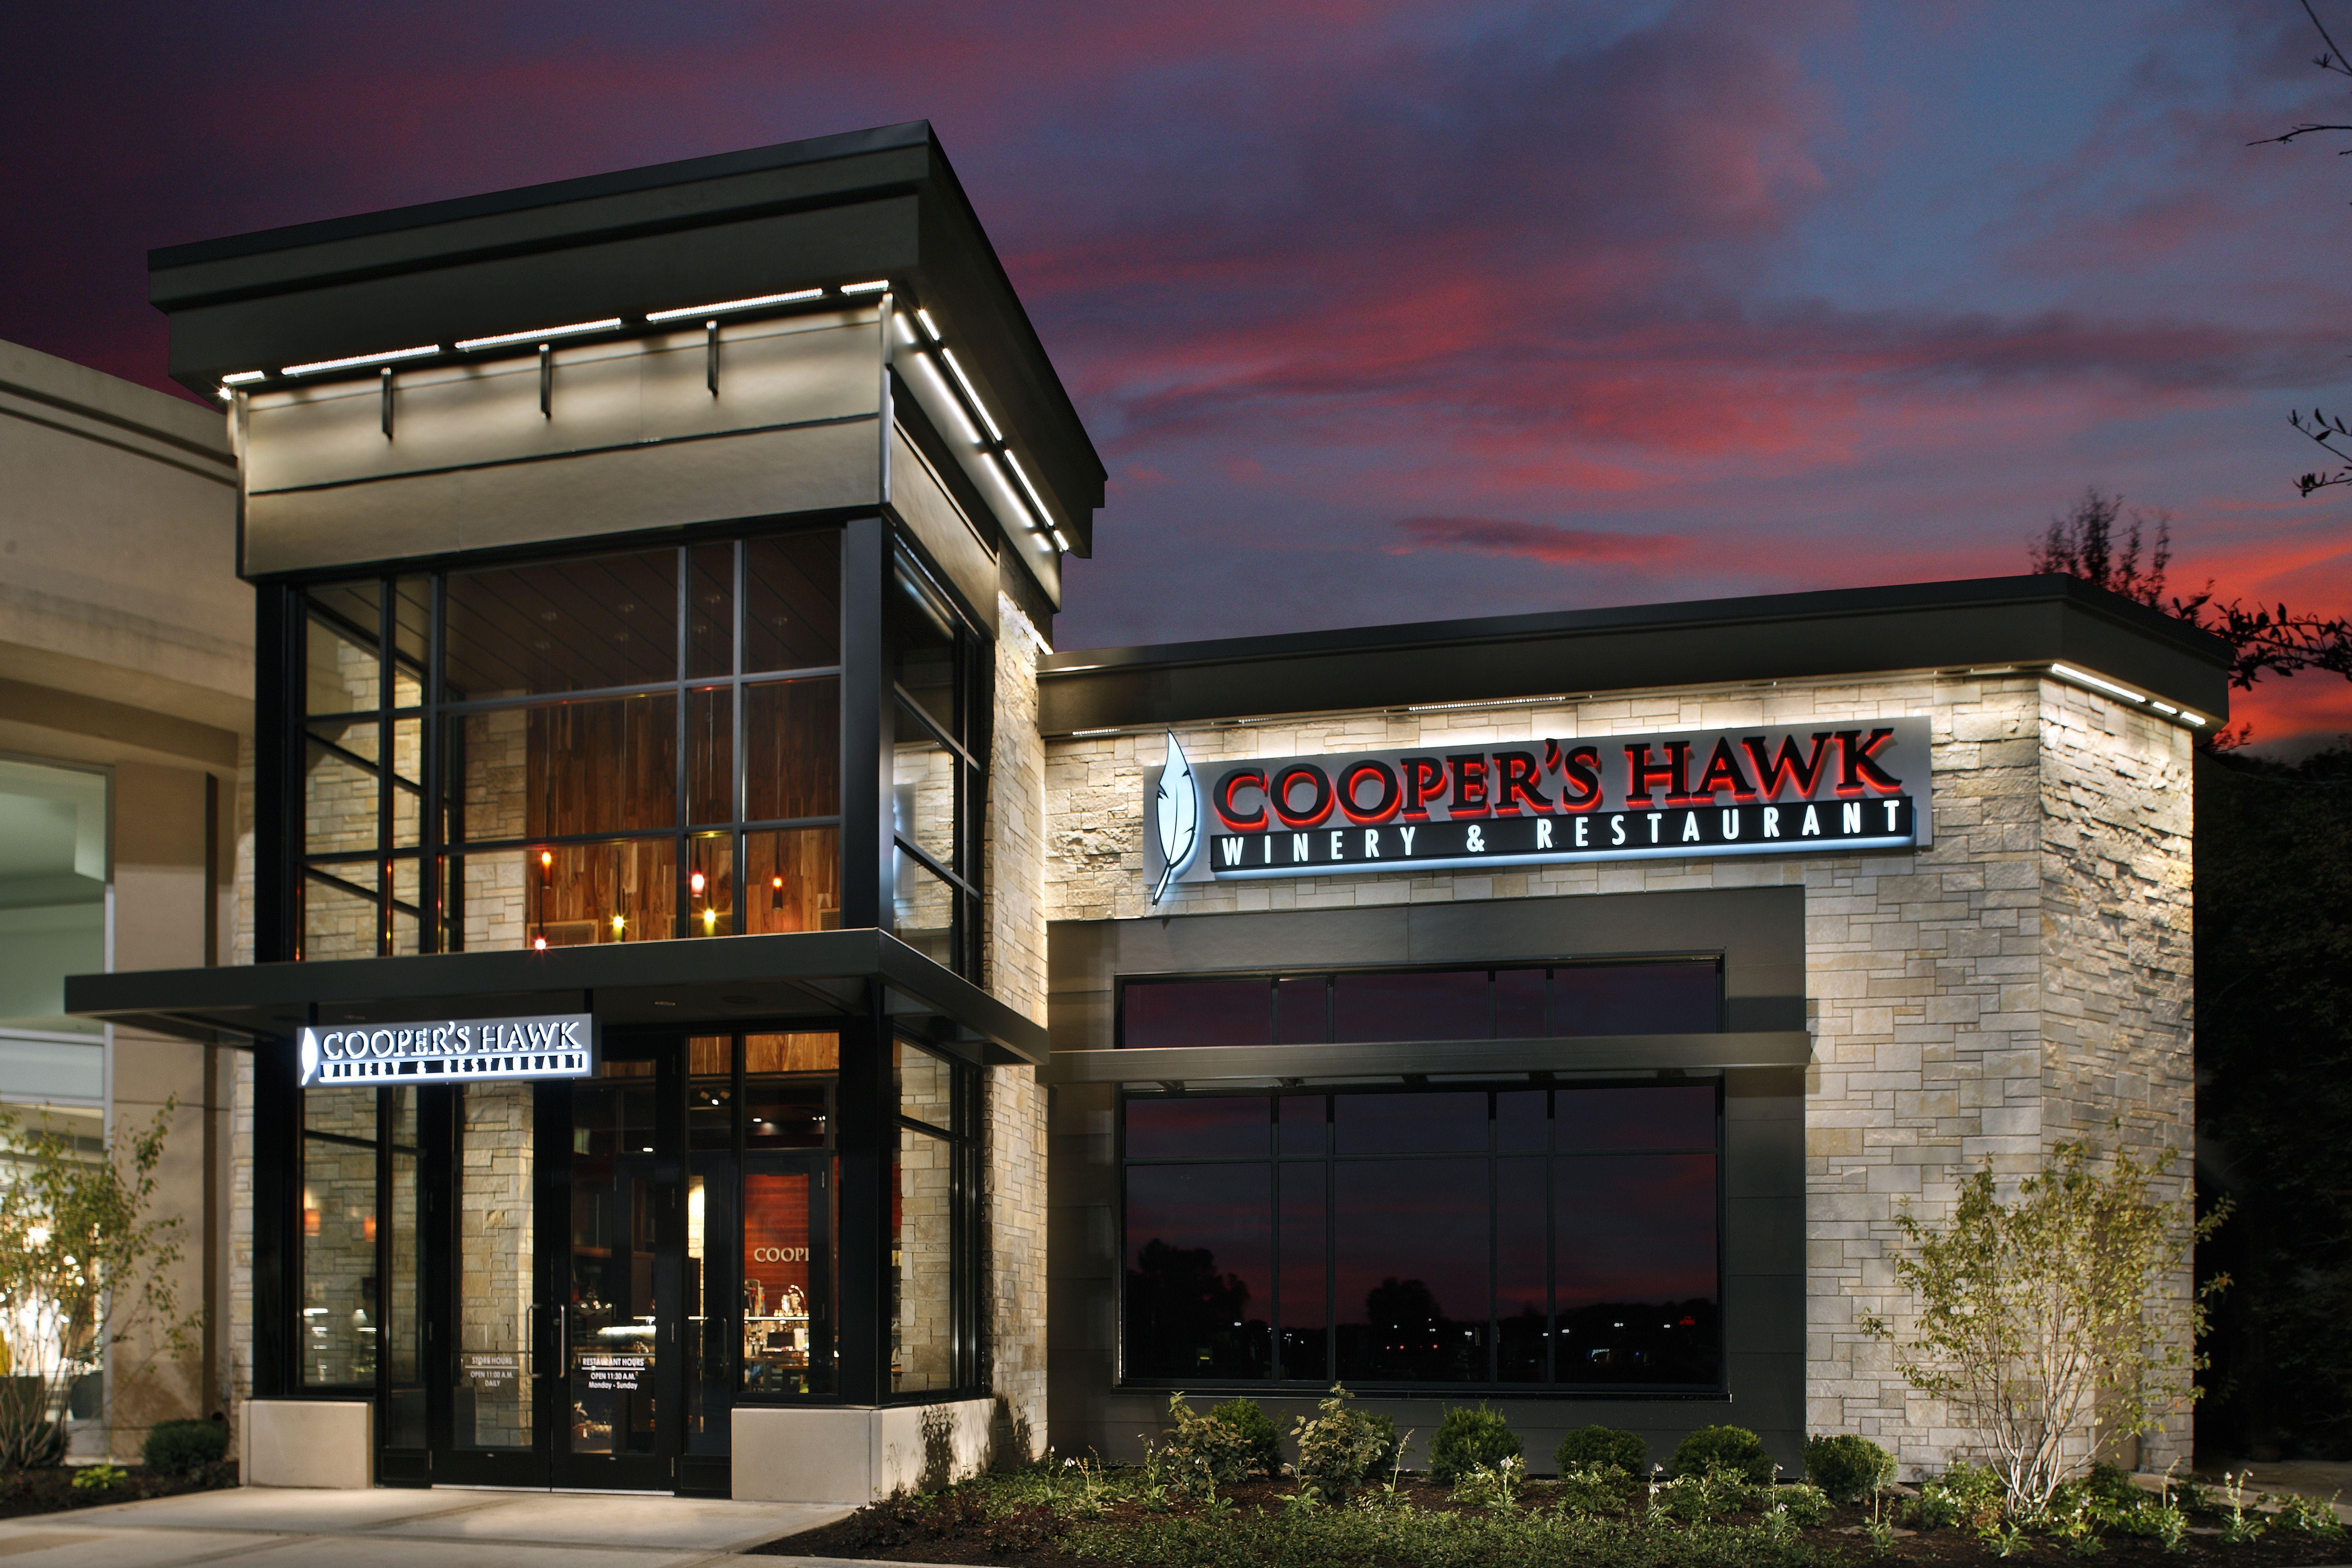 Cooper S Hawk Winery Restaurant Merrillville In